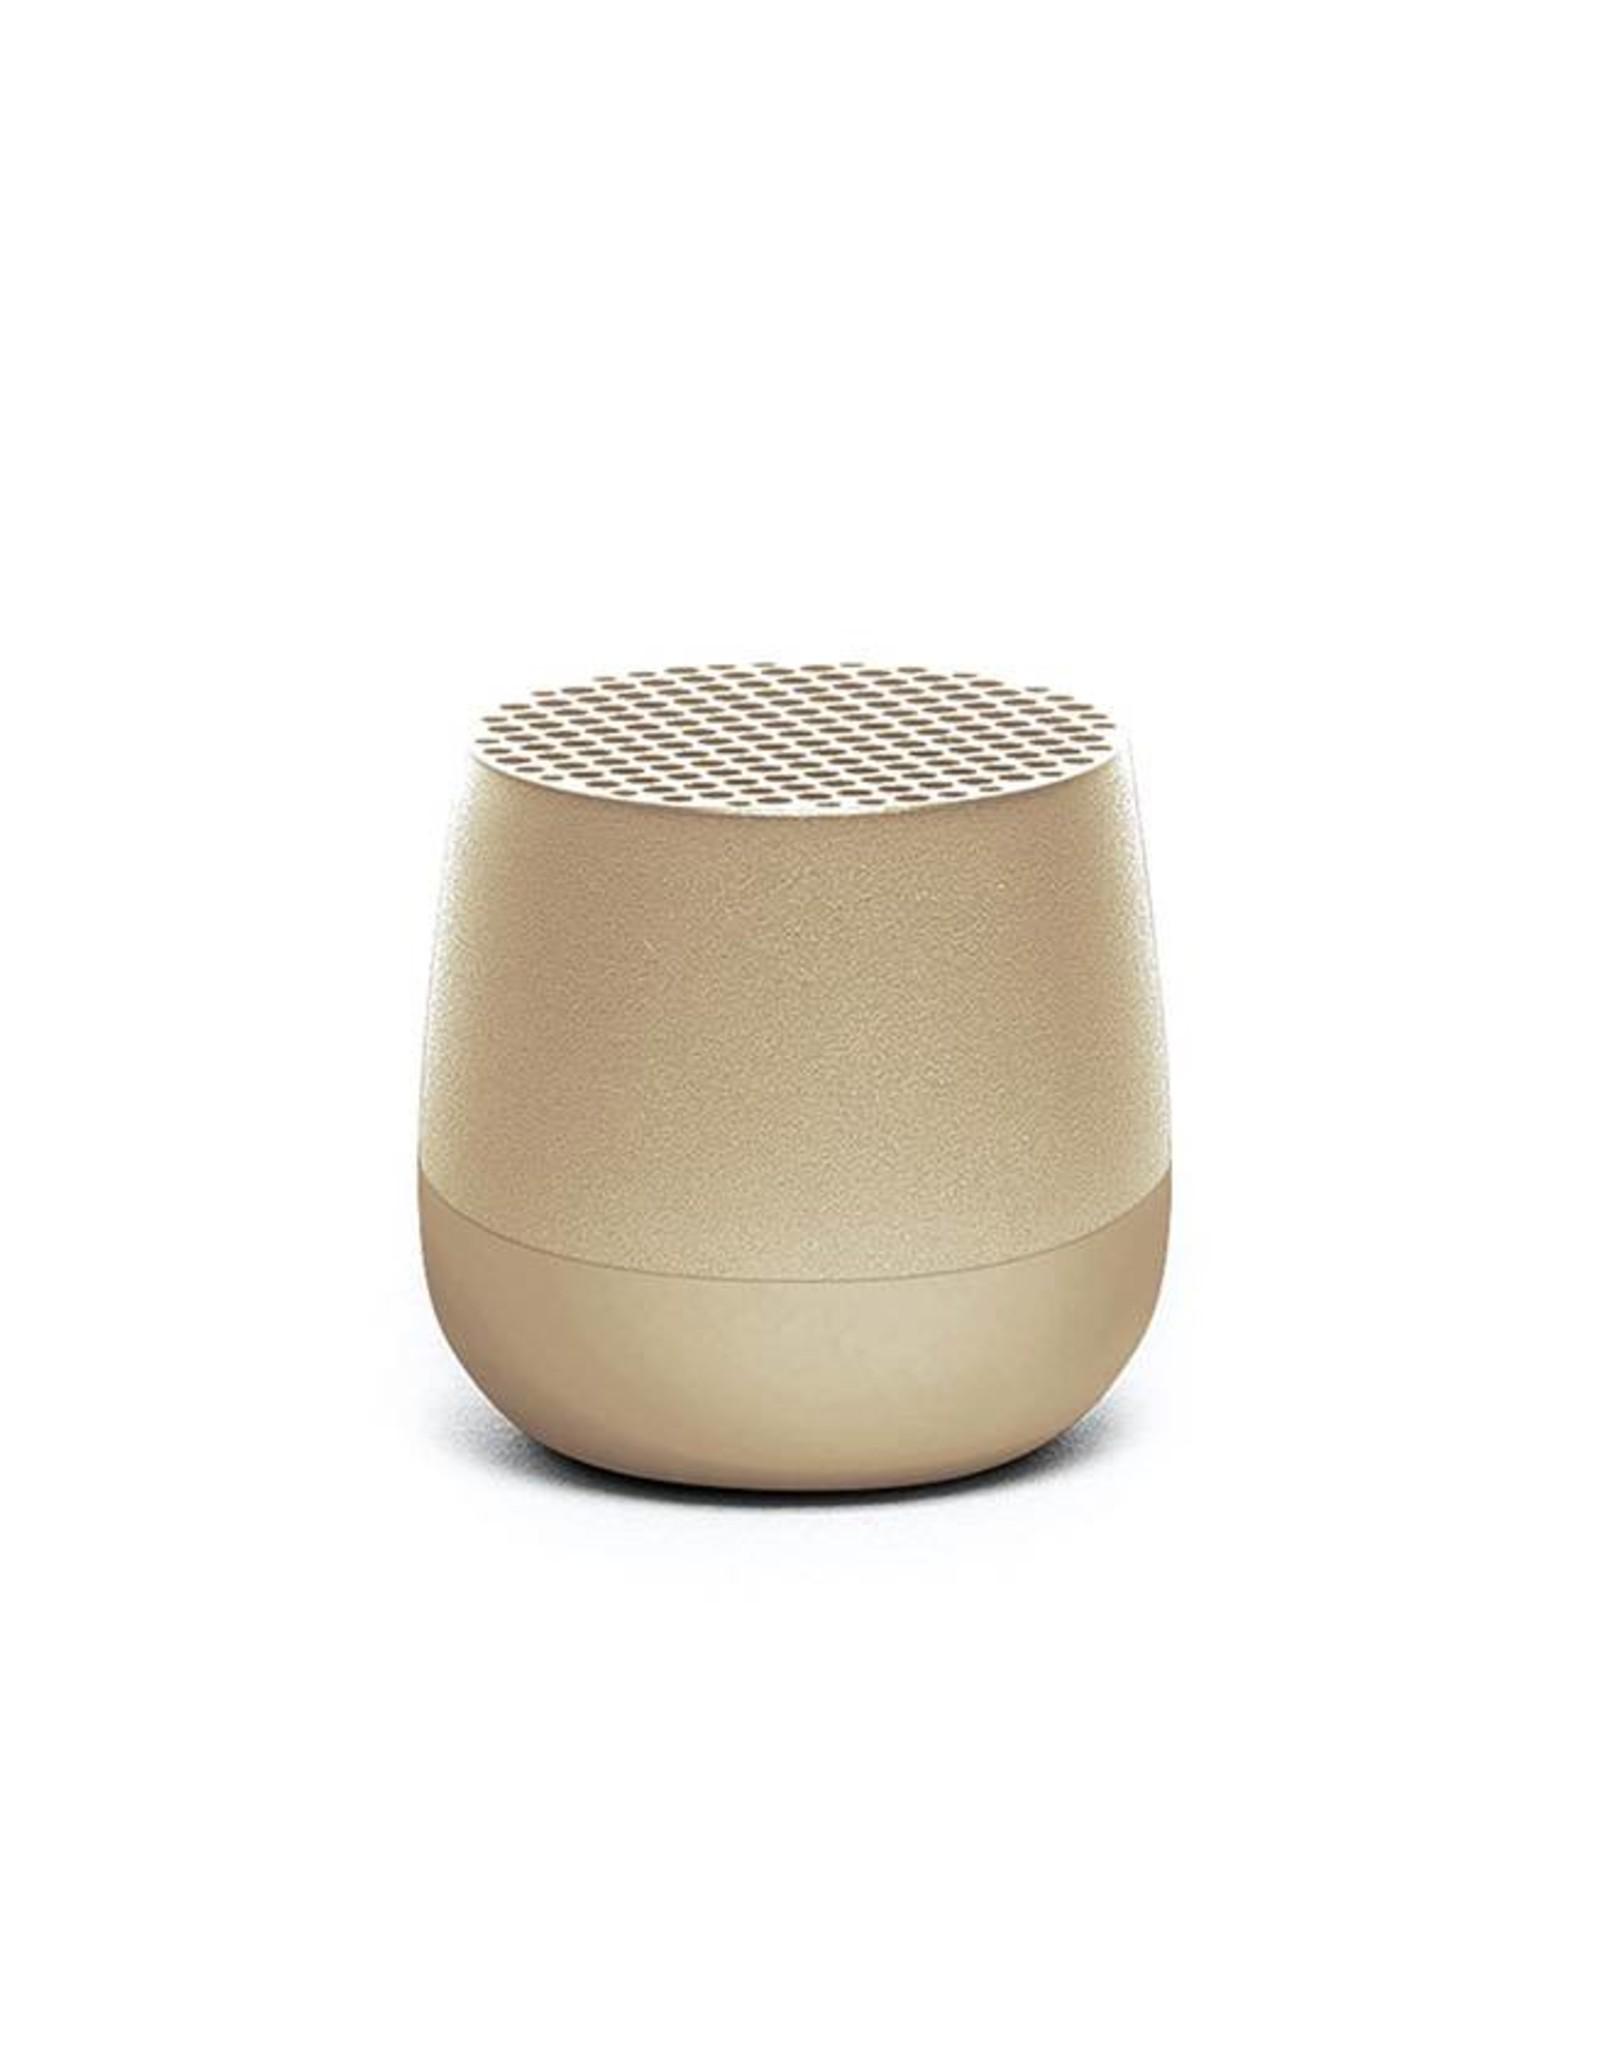 Lexon Mino geluidsbox-gold